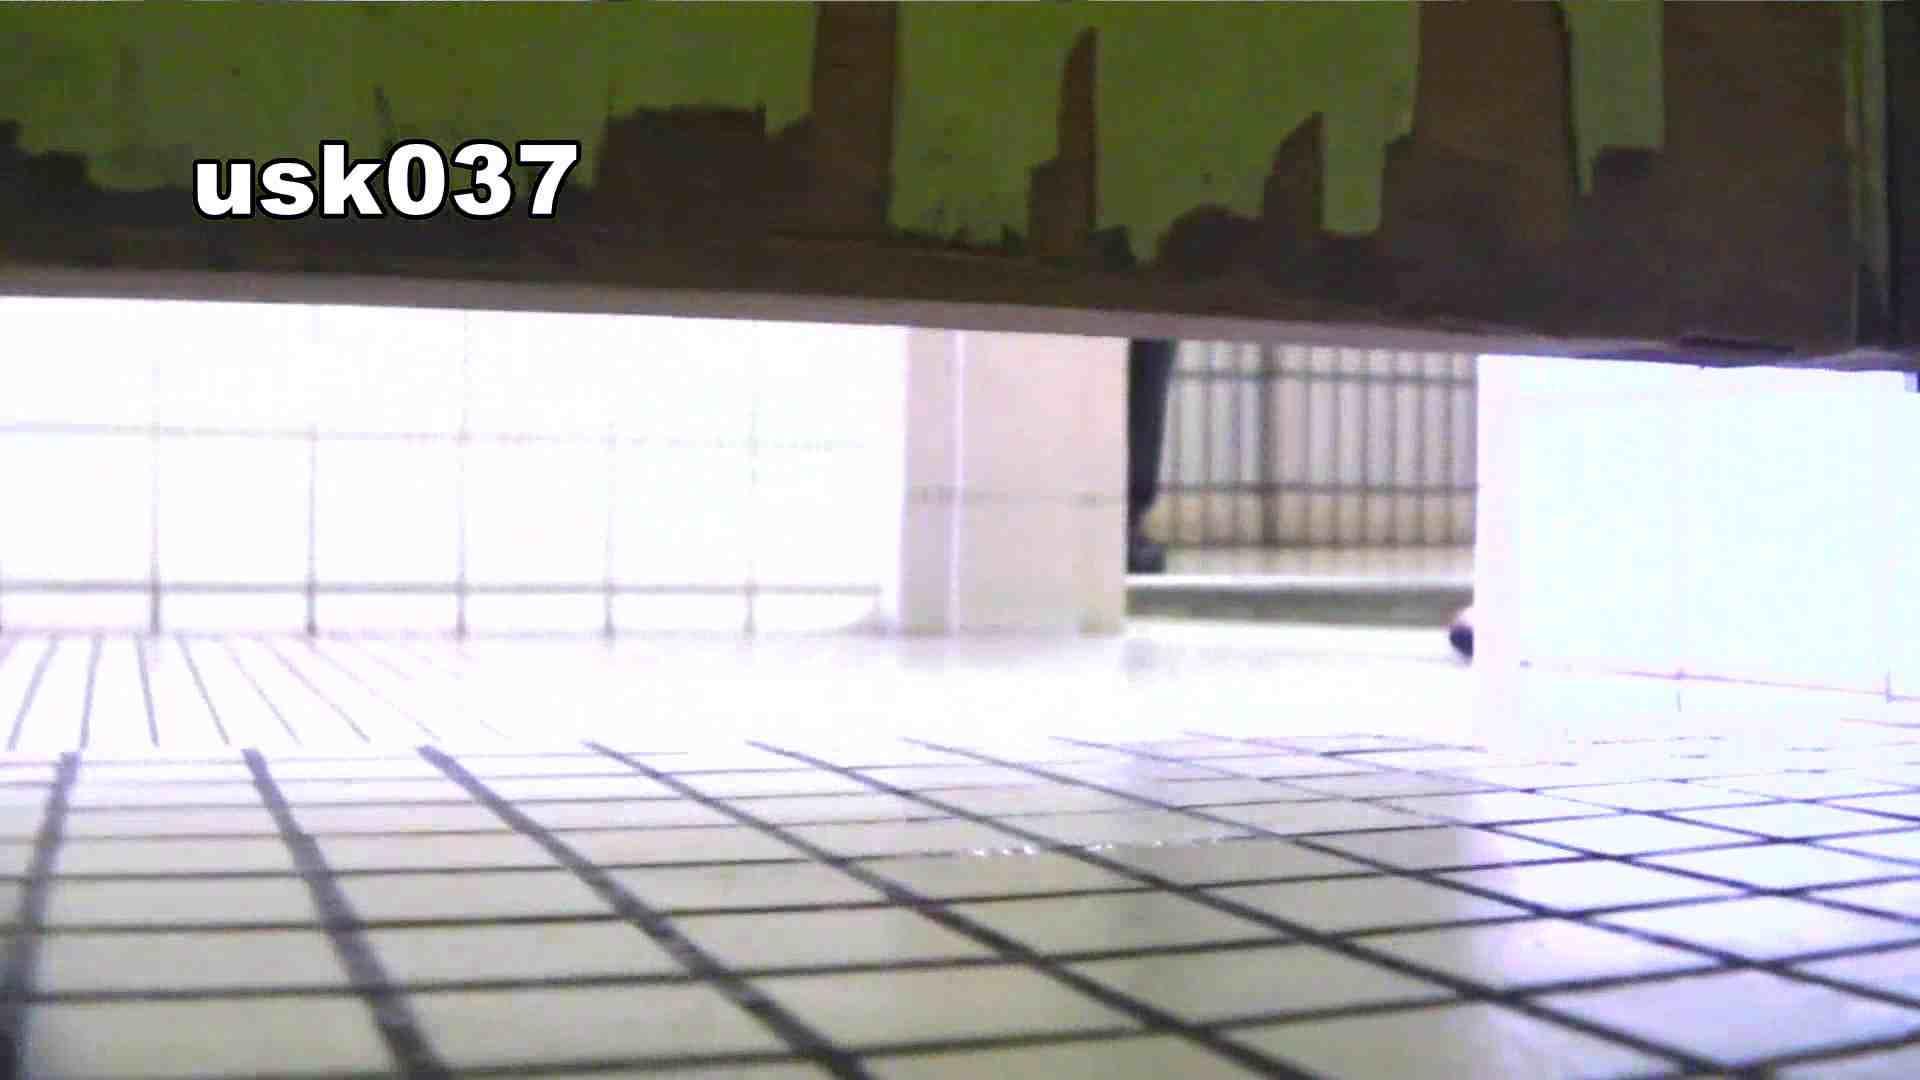 【美しき個室な世界】 vol.037 ひねり出す様子(フトイです) 洗面所   OL女体  97連発 91